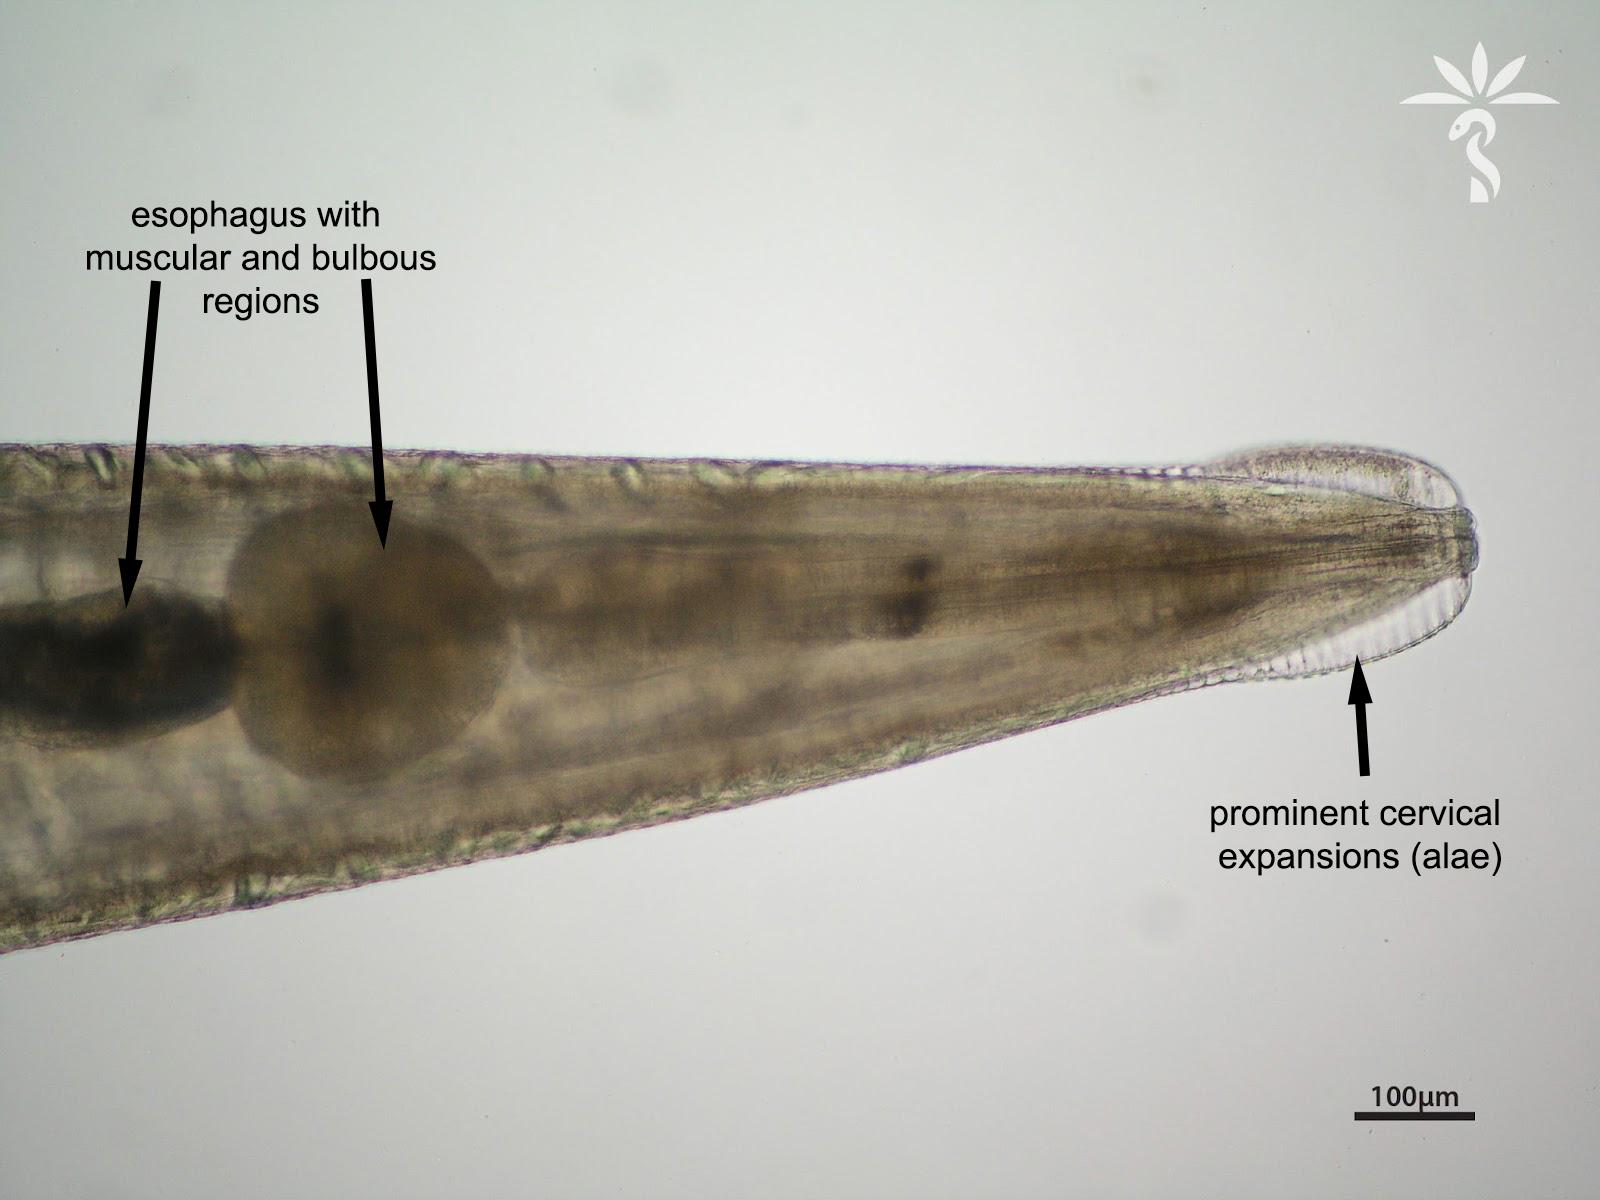 enterobius vermicularis haha